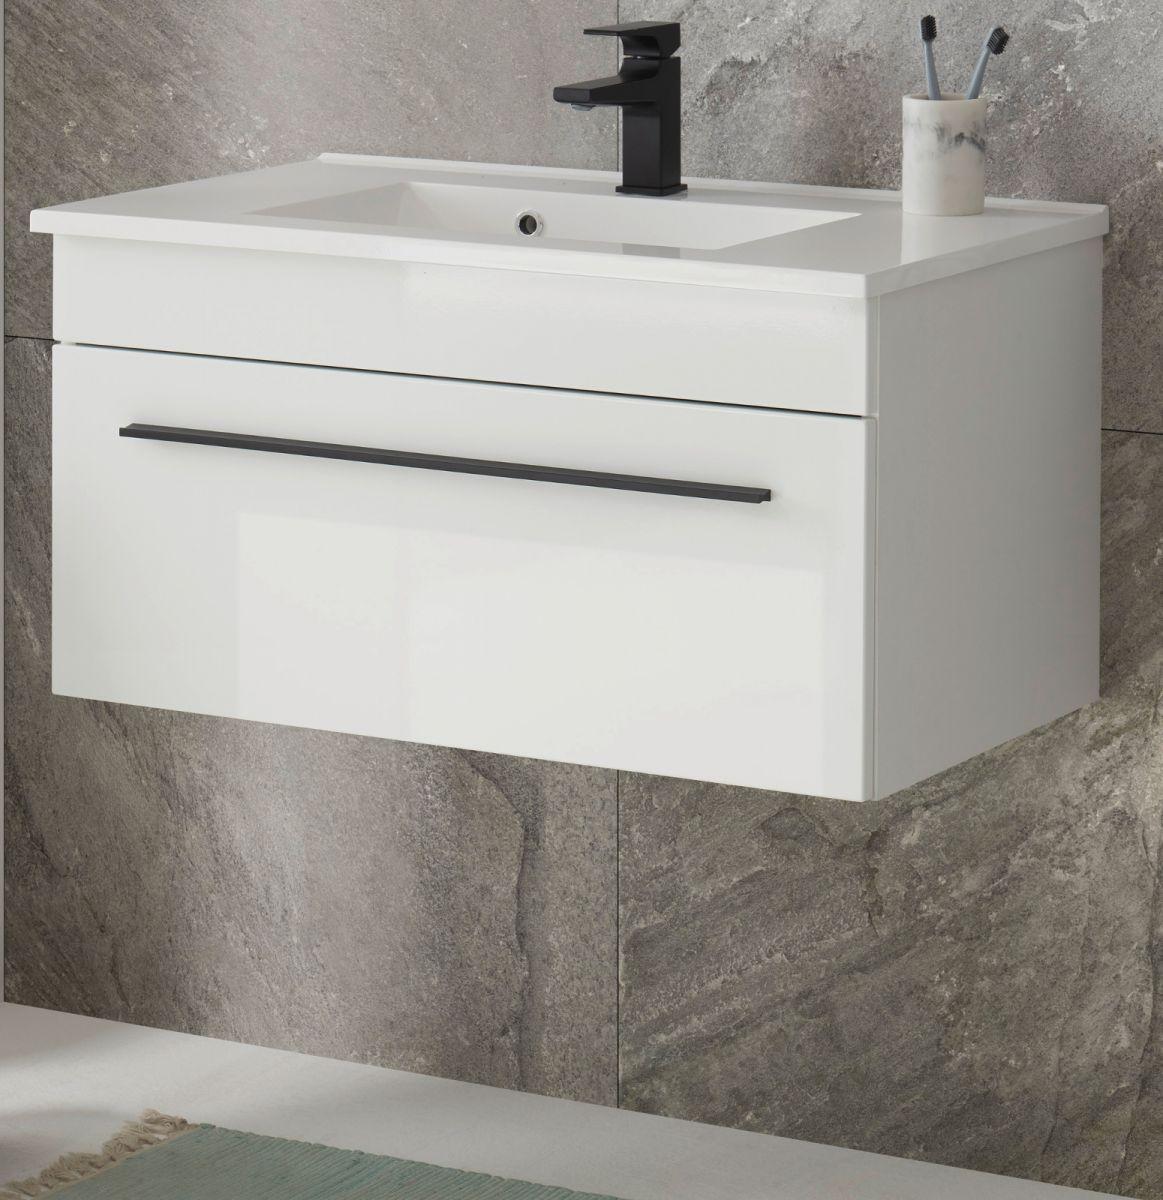 Waschbeckenunterschrank hängend mit Waschbecken Design-D in Hochglanz weiss 80 cm